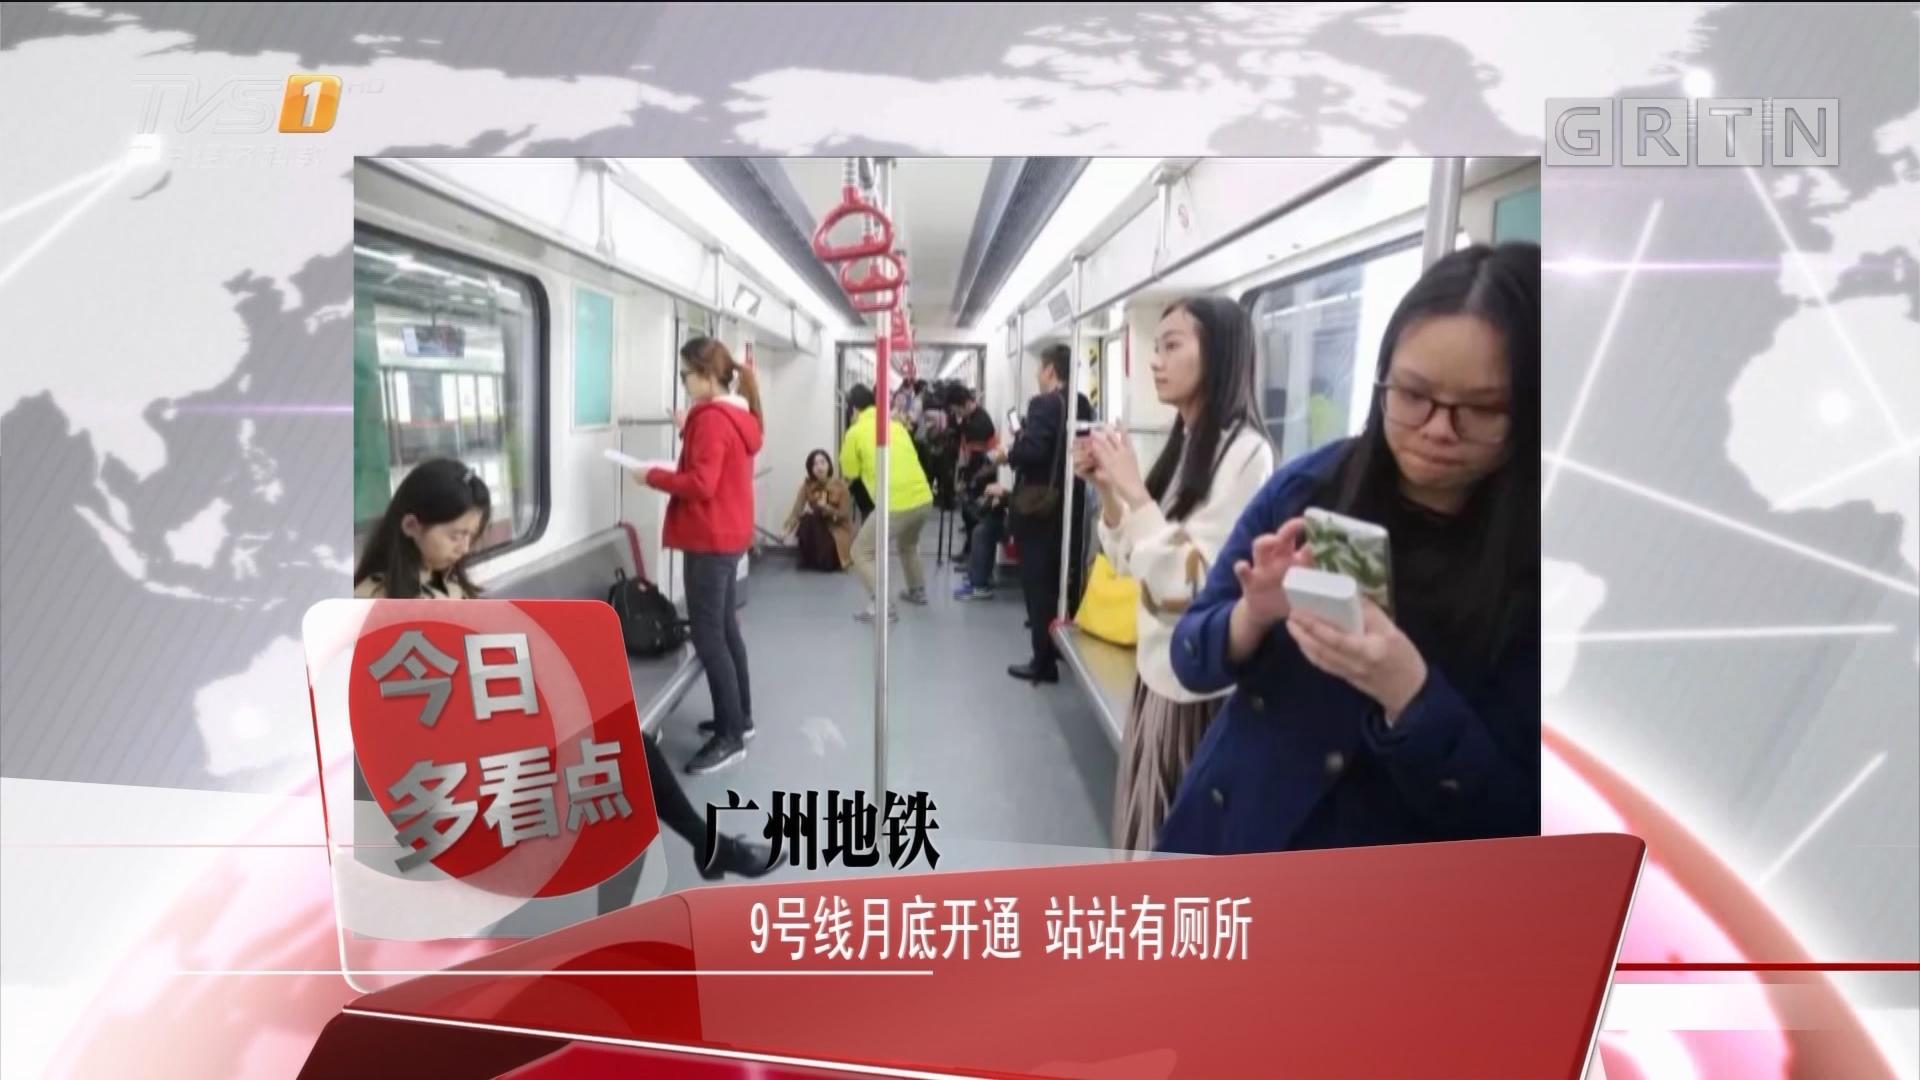 广州地铁:9号线月底开通 站站有厕所